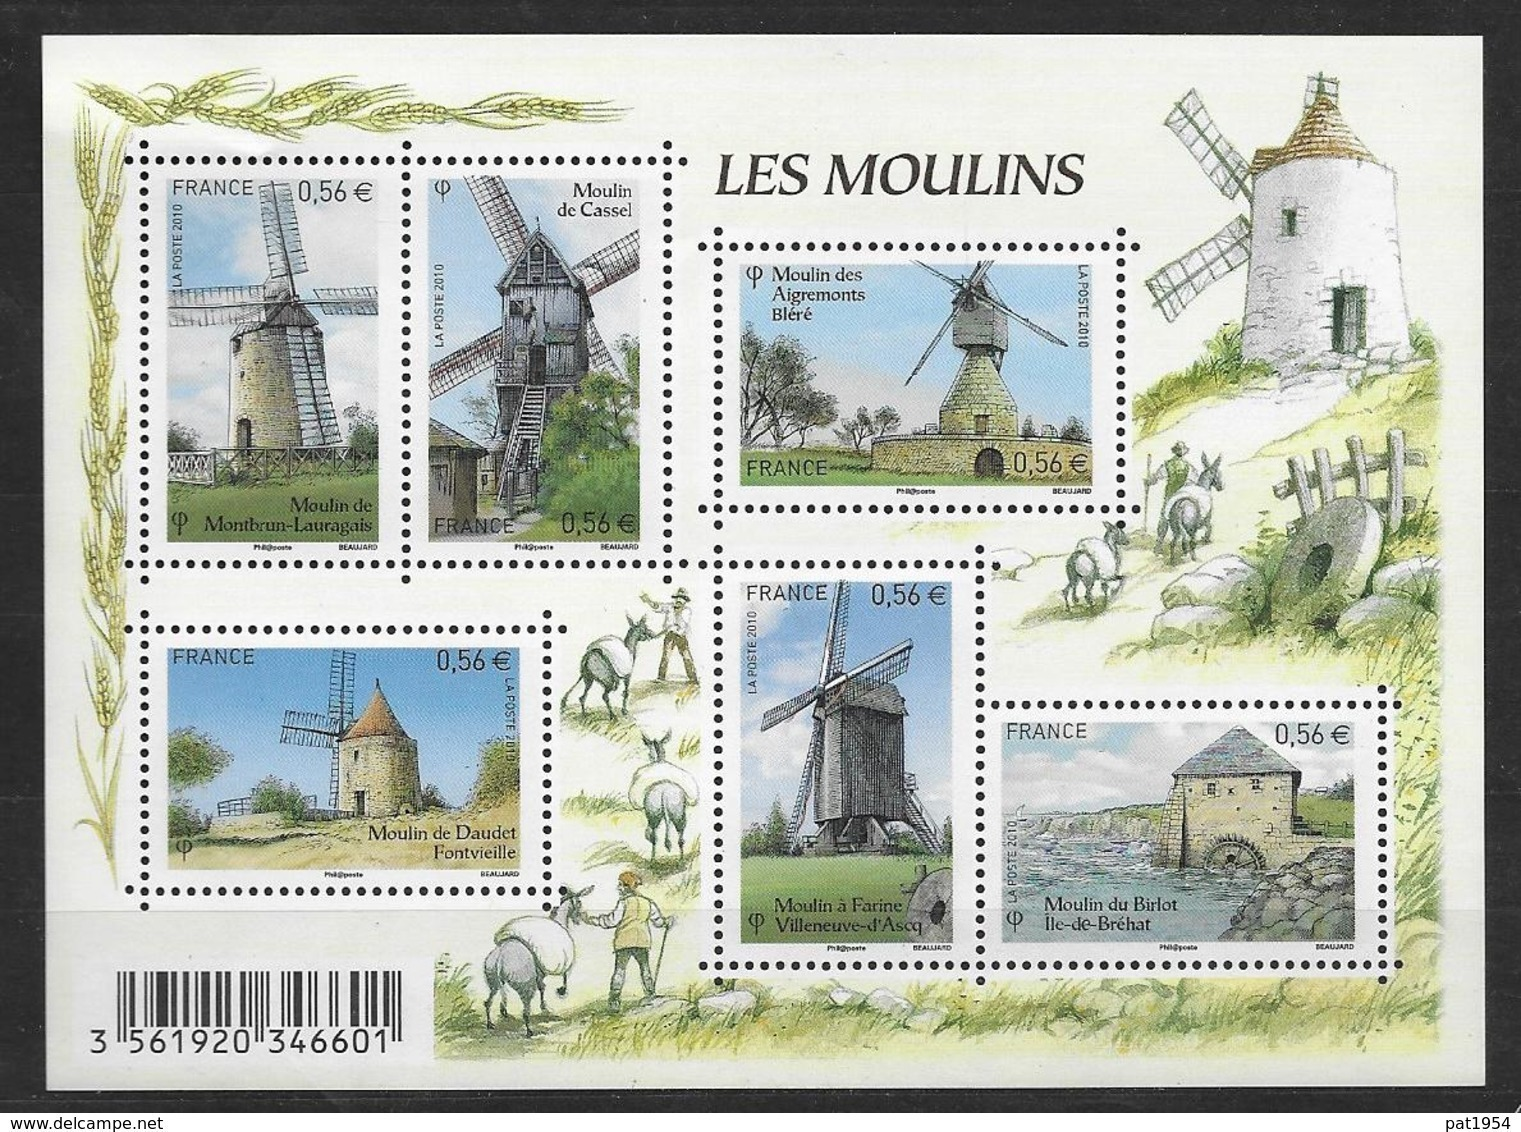 France 2010 Bloc Feuillet N° F4485 Neuf Moulins à La Faciale - Blocs & Feuillets